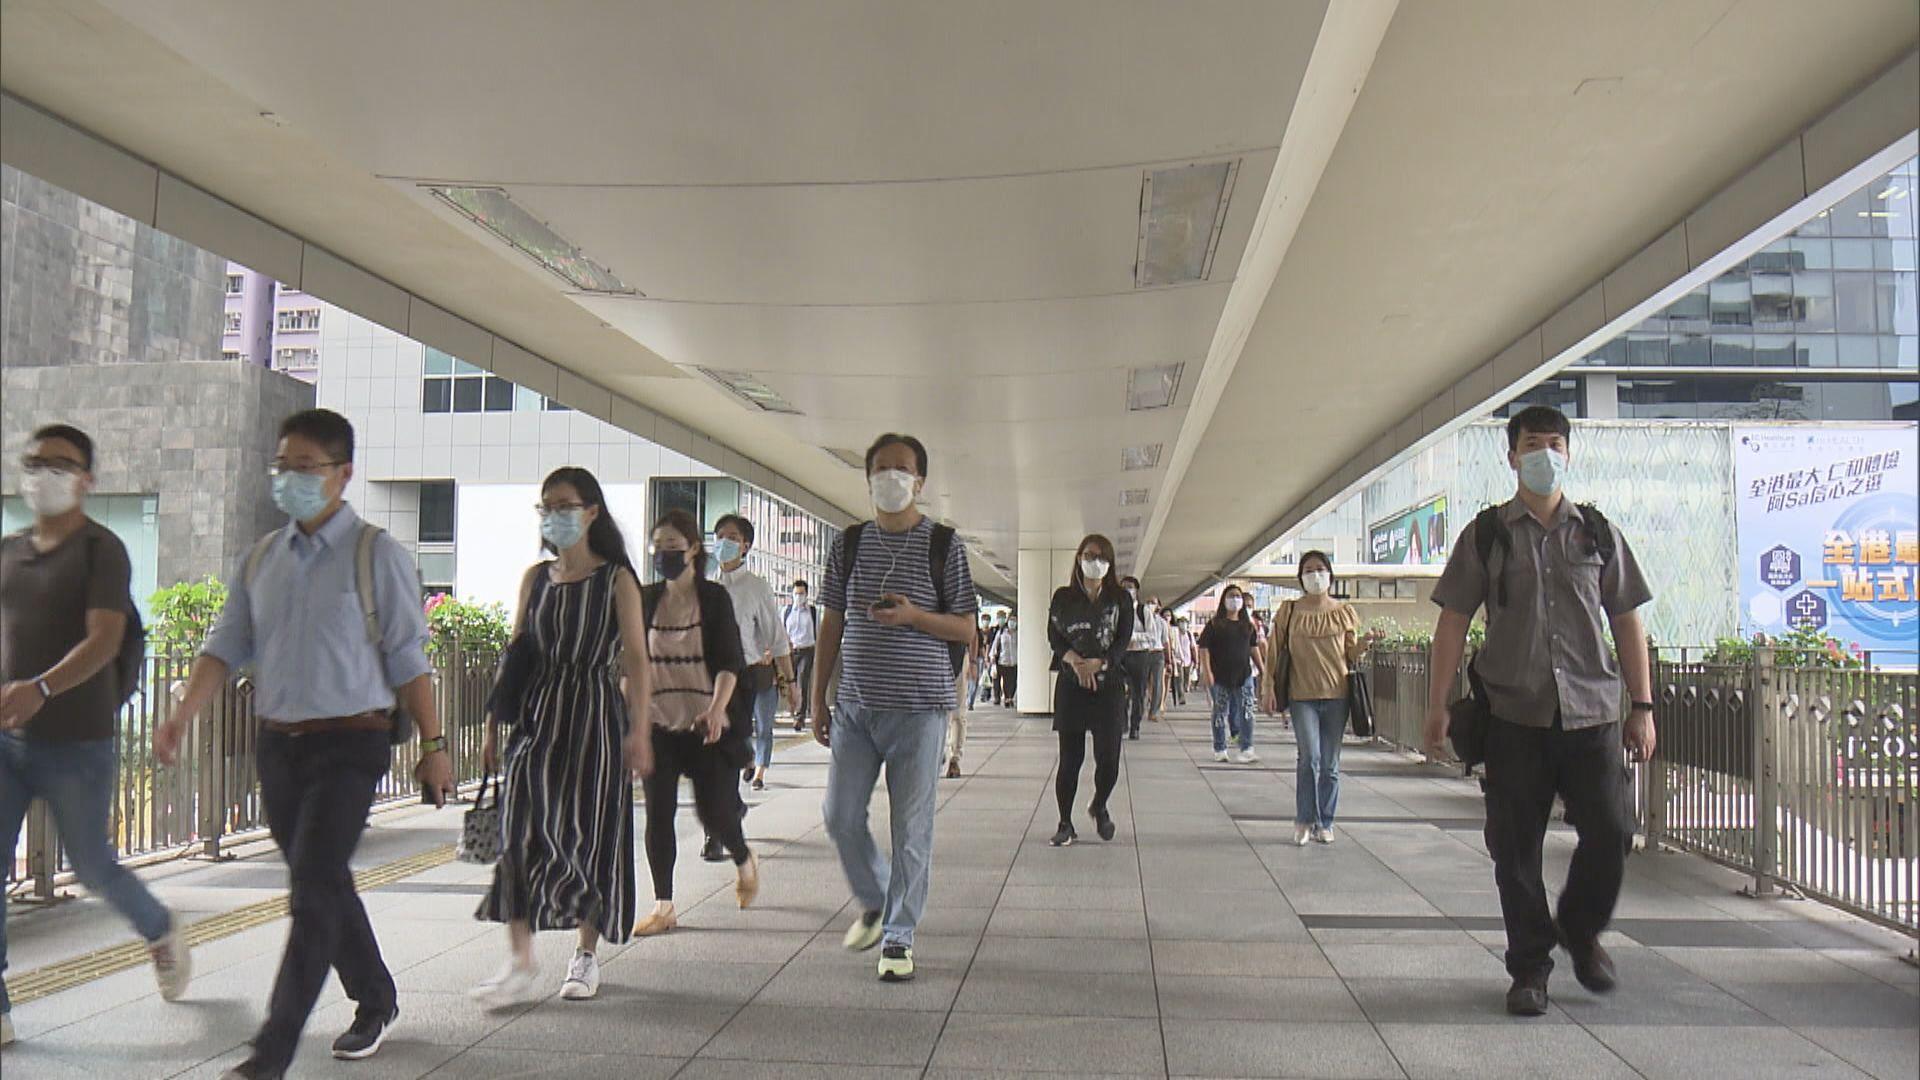 【見一年低】本港失業率進一步回落至5%